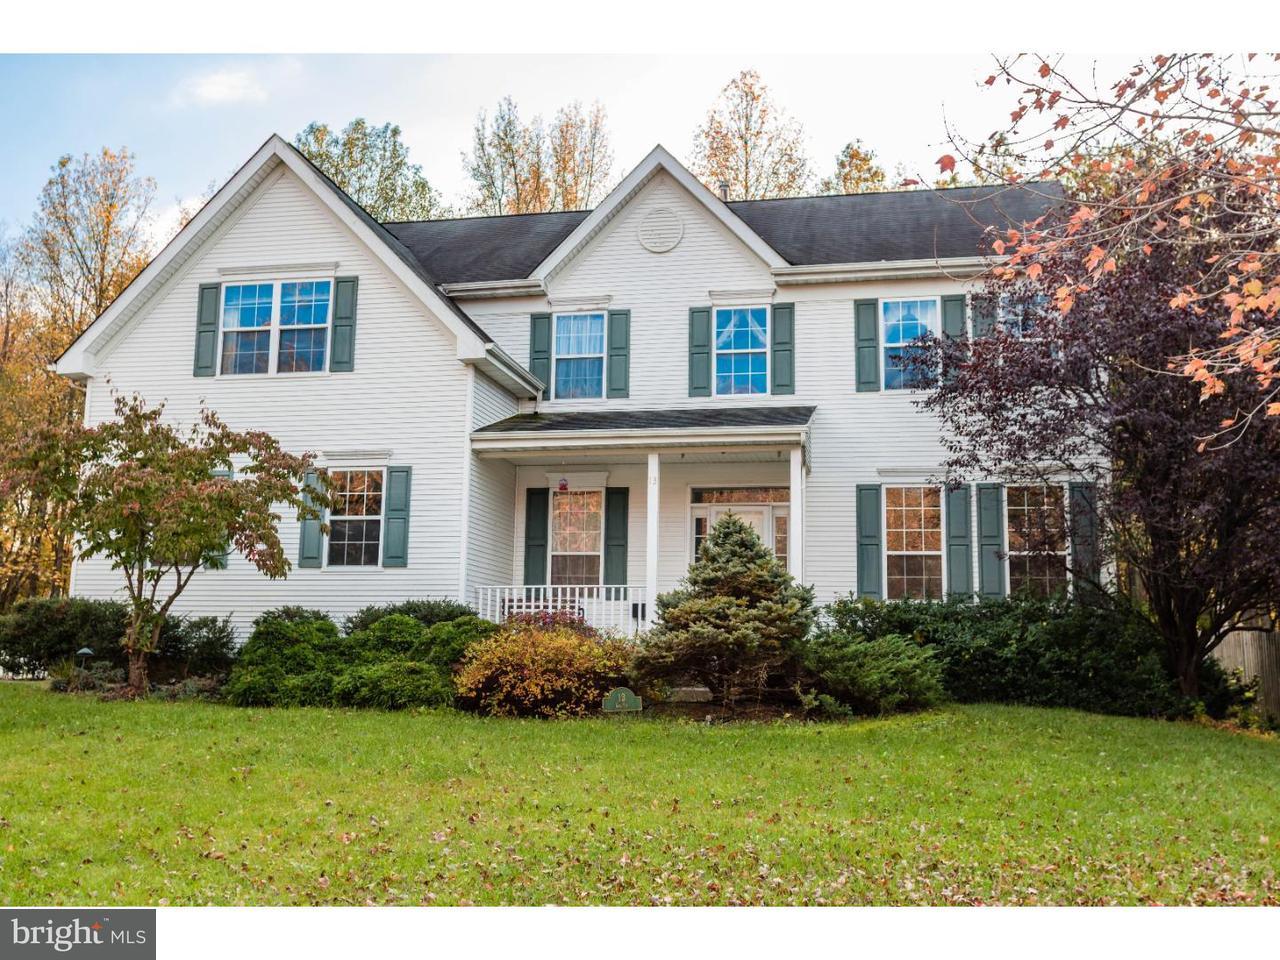 Maison unifamiliale pour l Vente à 13 GASKIN Drive Burlington, New Jersey 08016 États-Unis